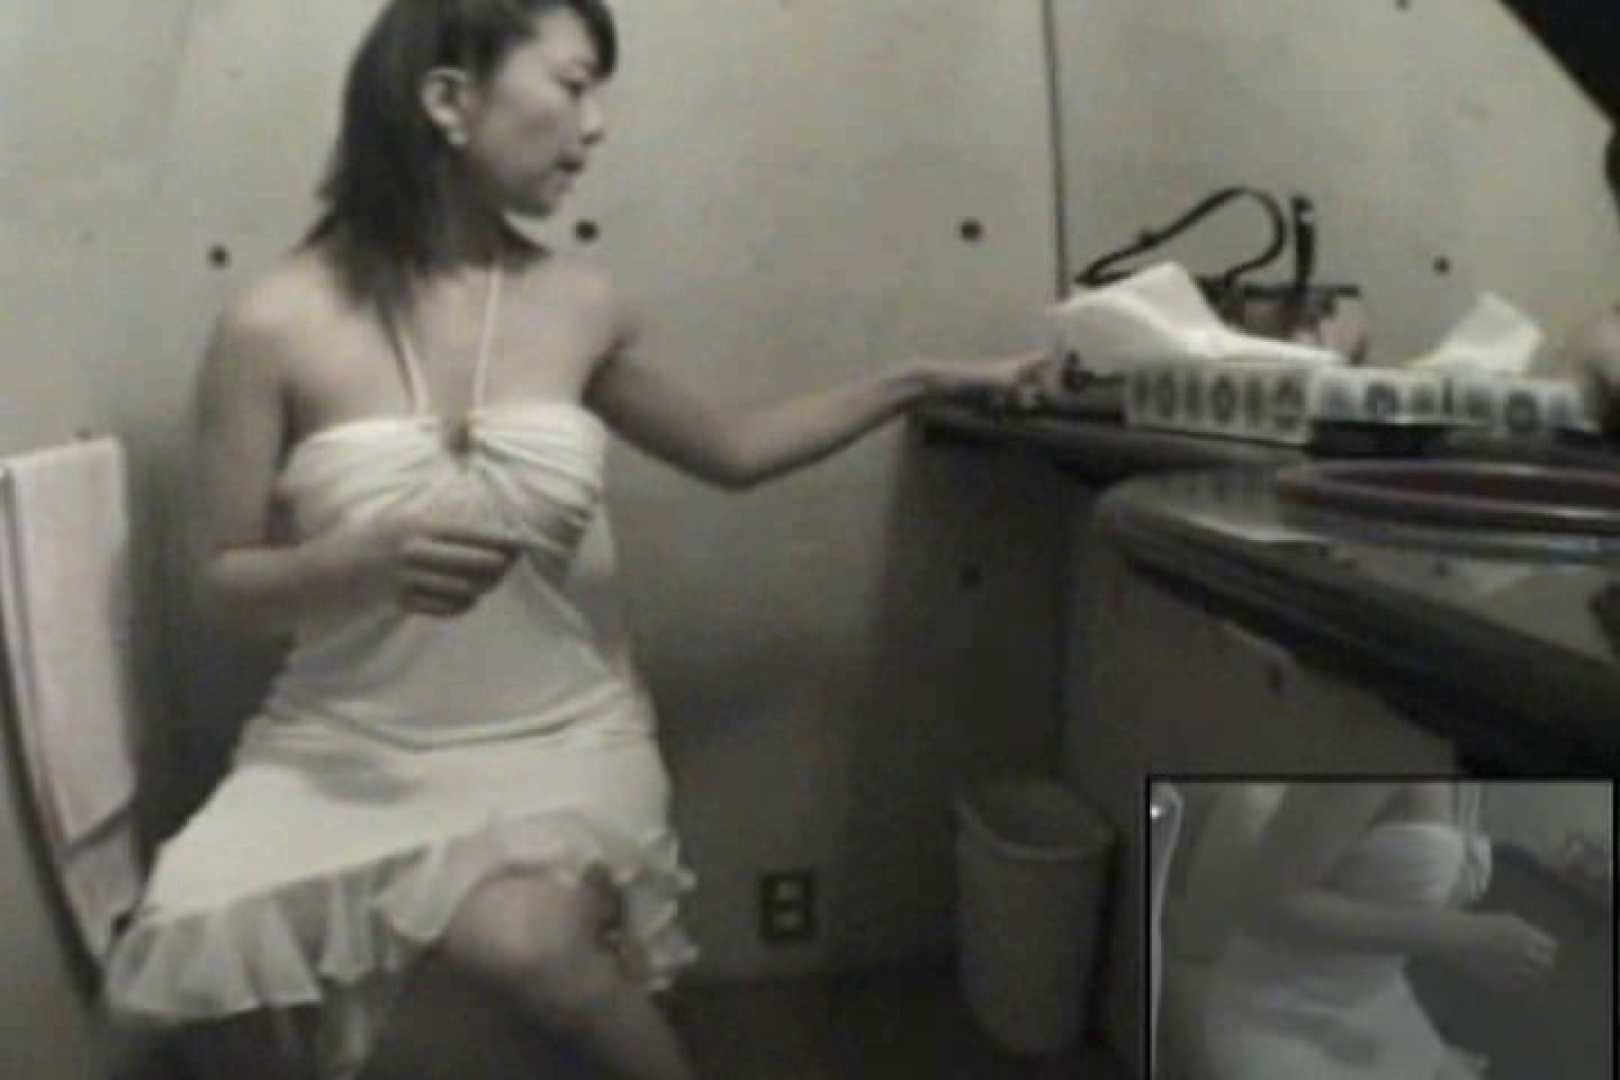 キャバ嬢は仕事の合間でもオナニーします!!Vol.6 オナニーする女性たち 隠し撮りオマンコ動画紹介 80画像 45